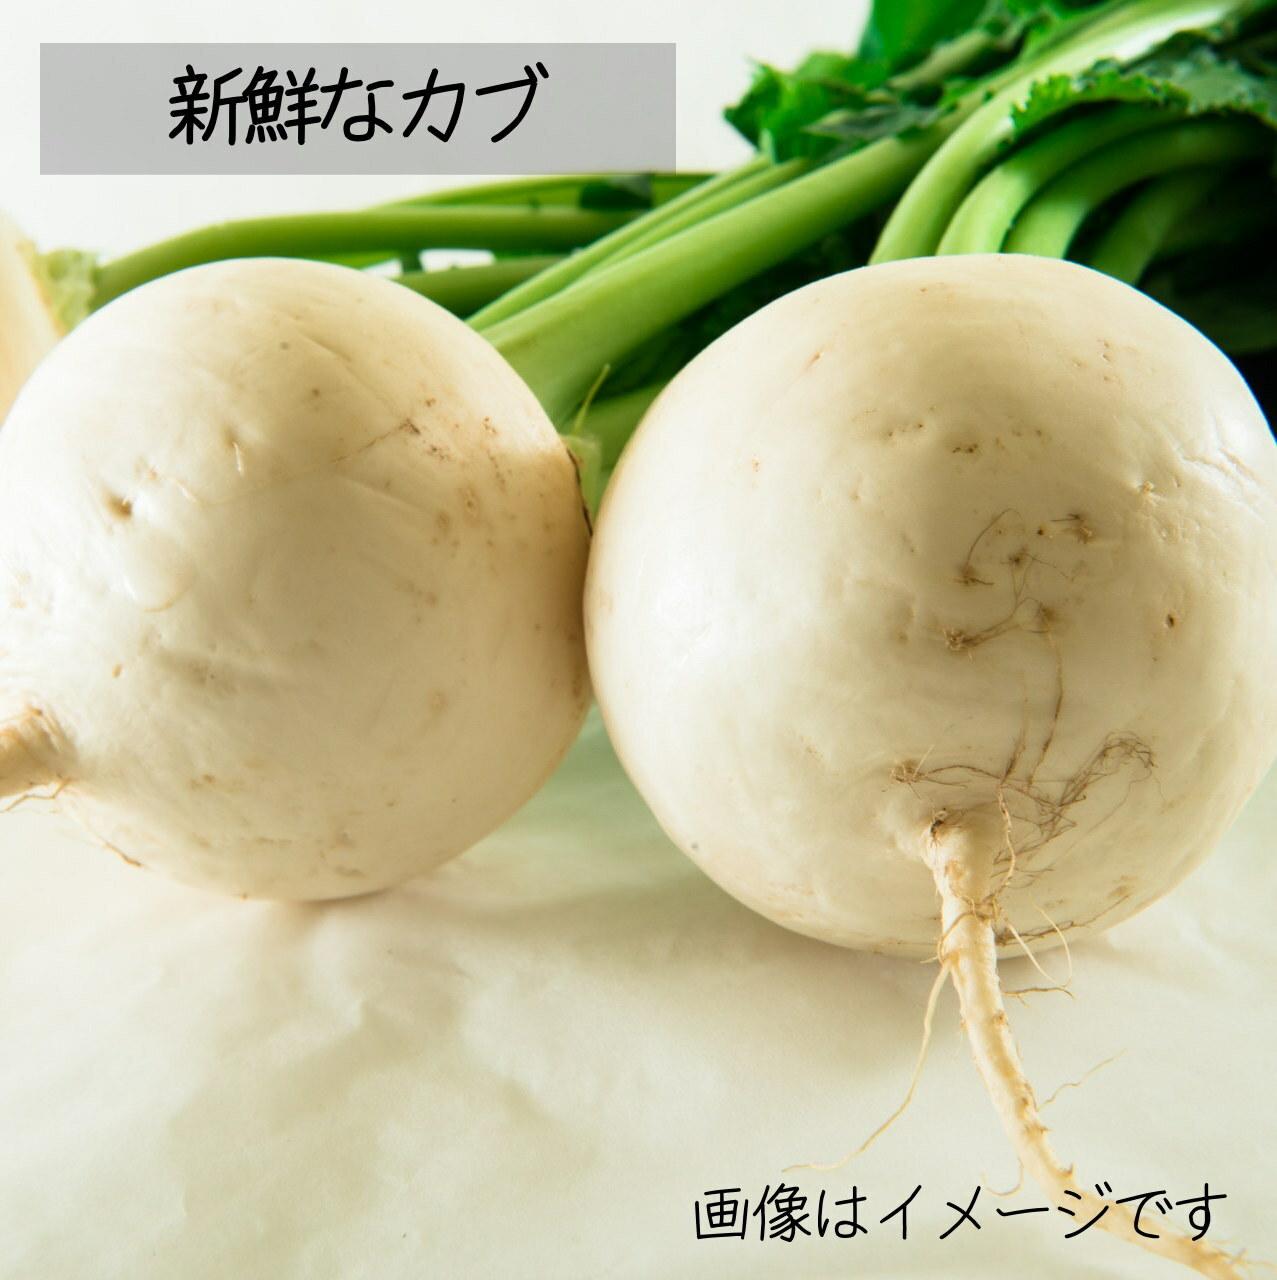 10月の朝採り直売野菜 : カブ 約3~4個  新鮮な秋野菜 10月24日発送予定